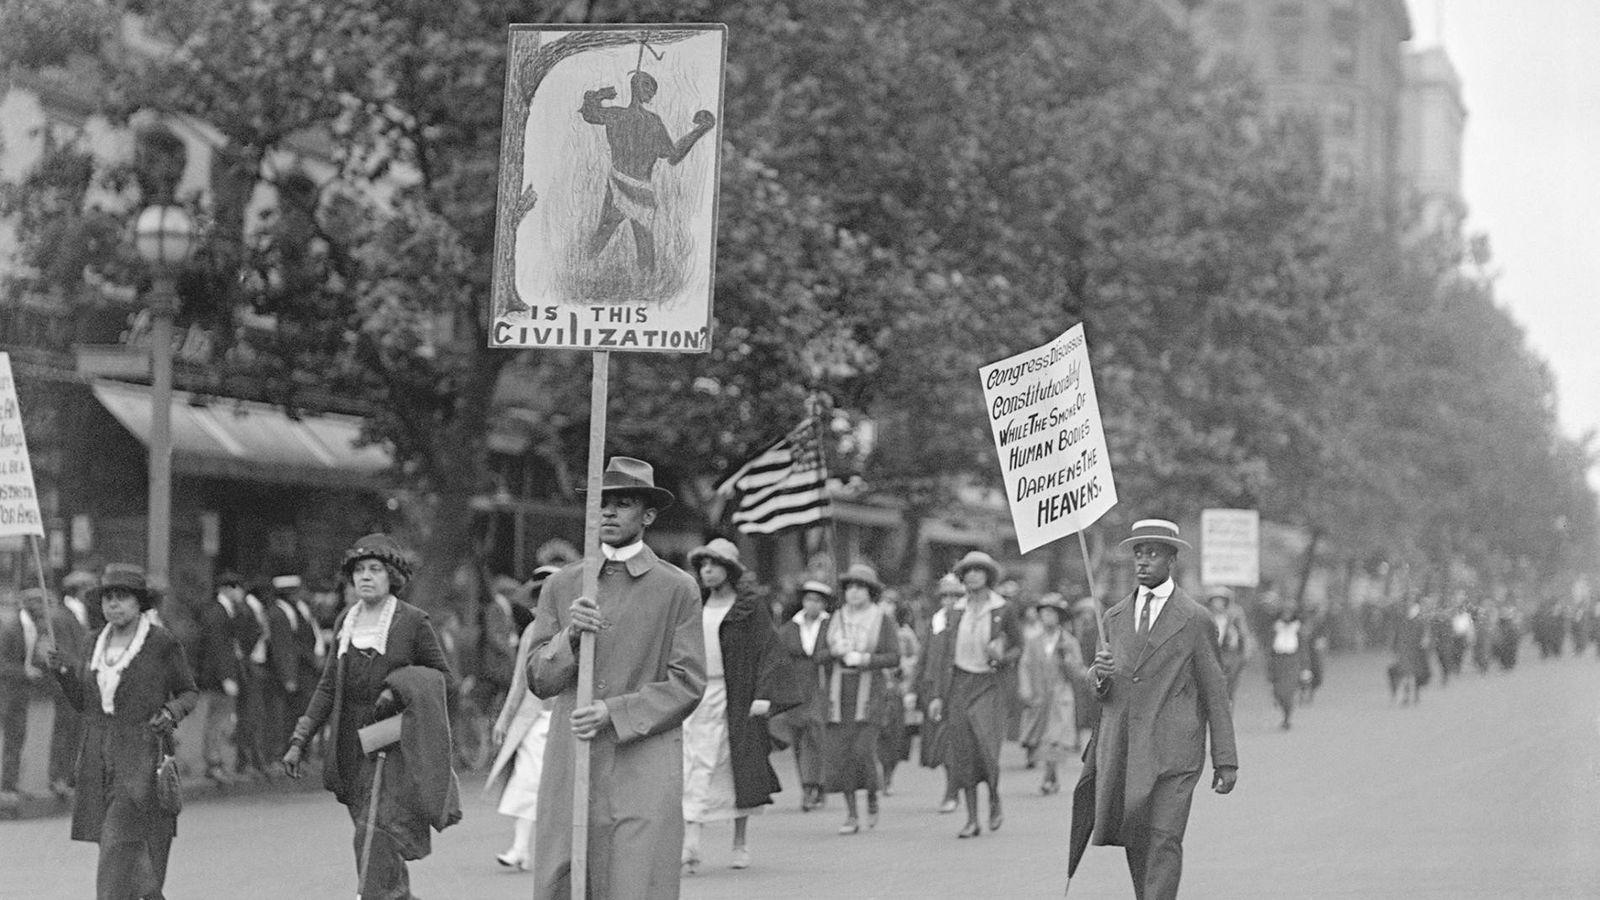 El 24 de junio de 1922, más de 3.000 personas negras marcharon en una protesta silenciosa ...